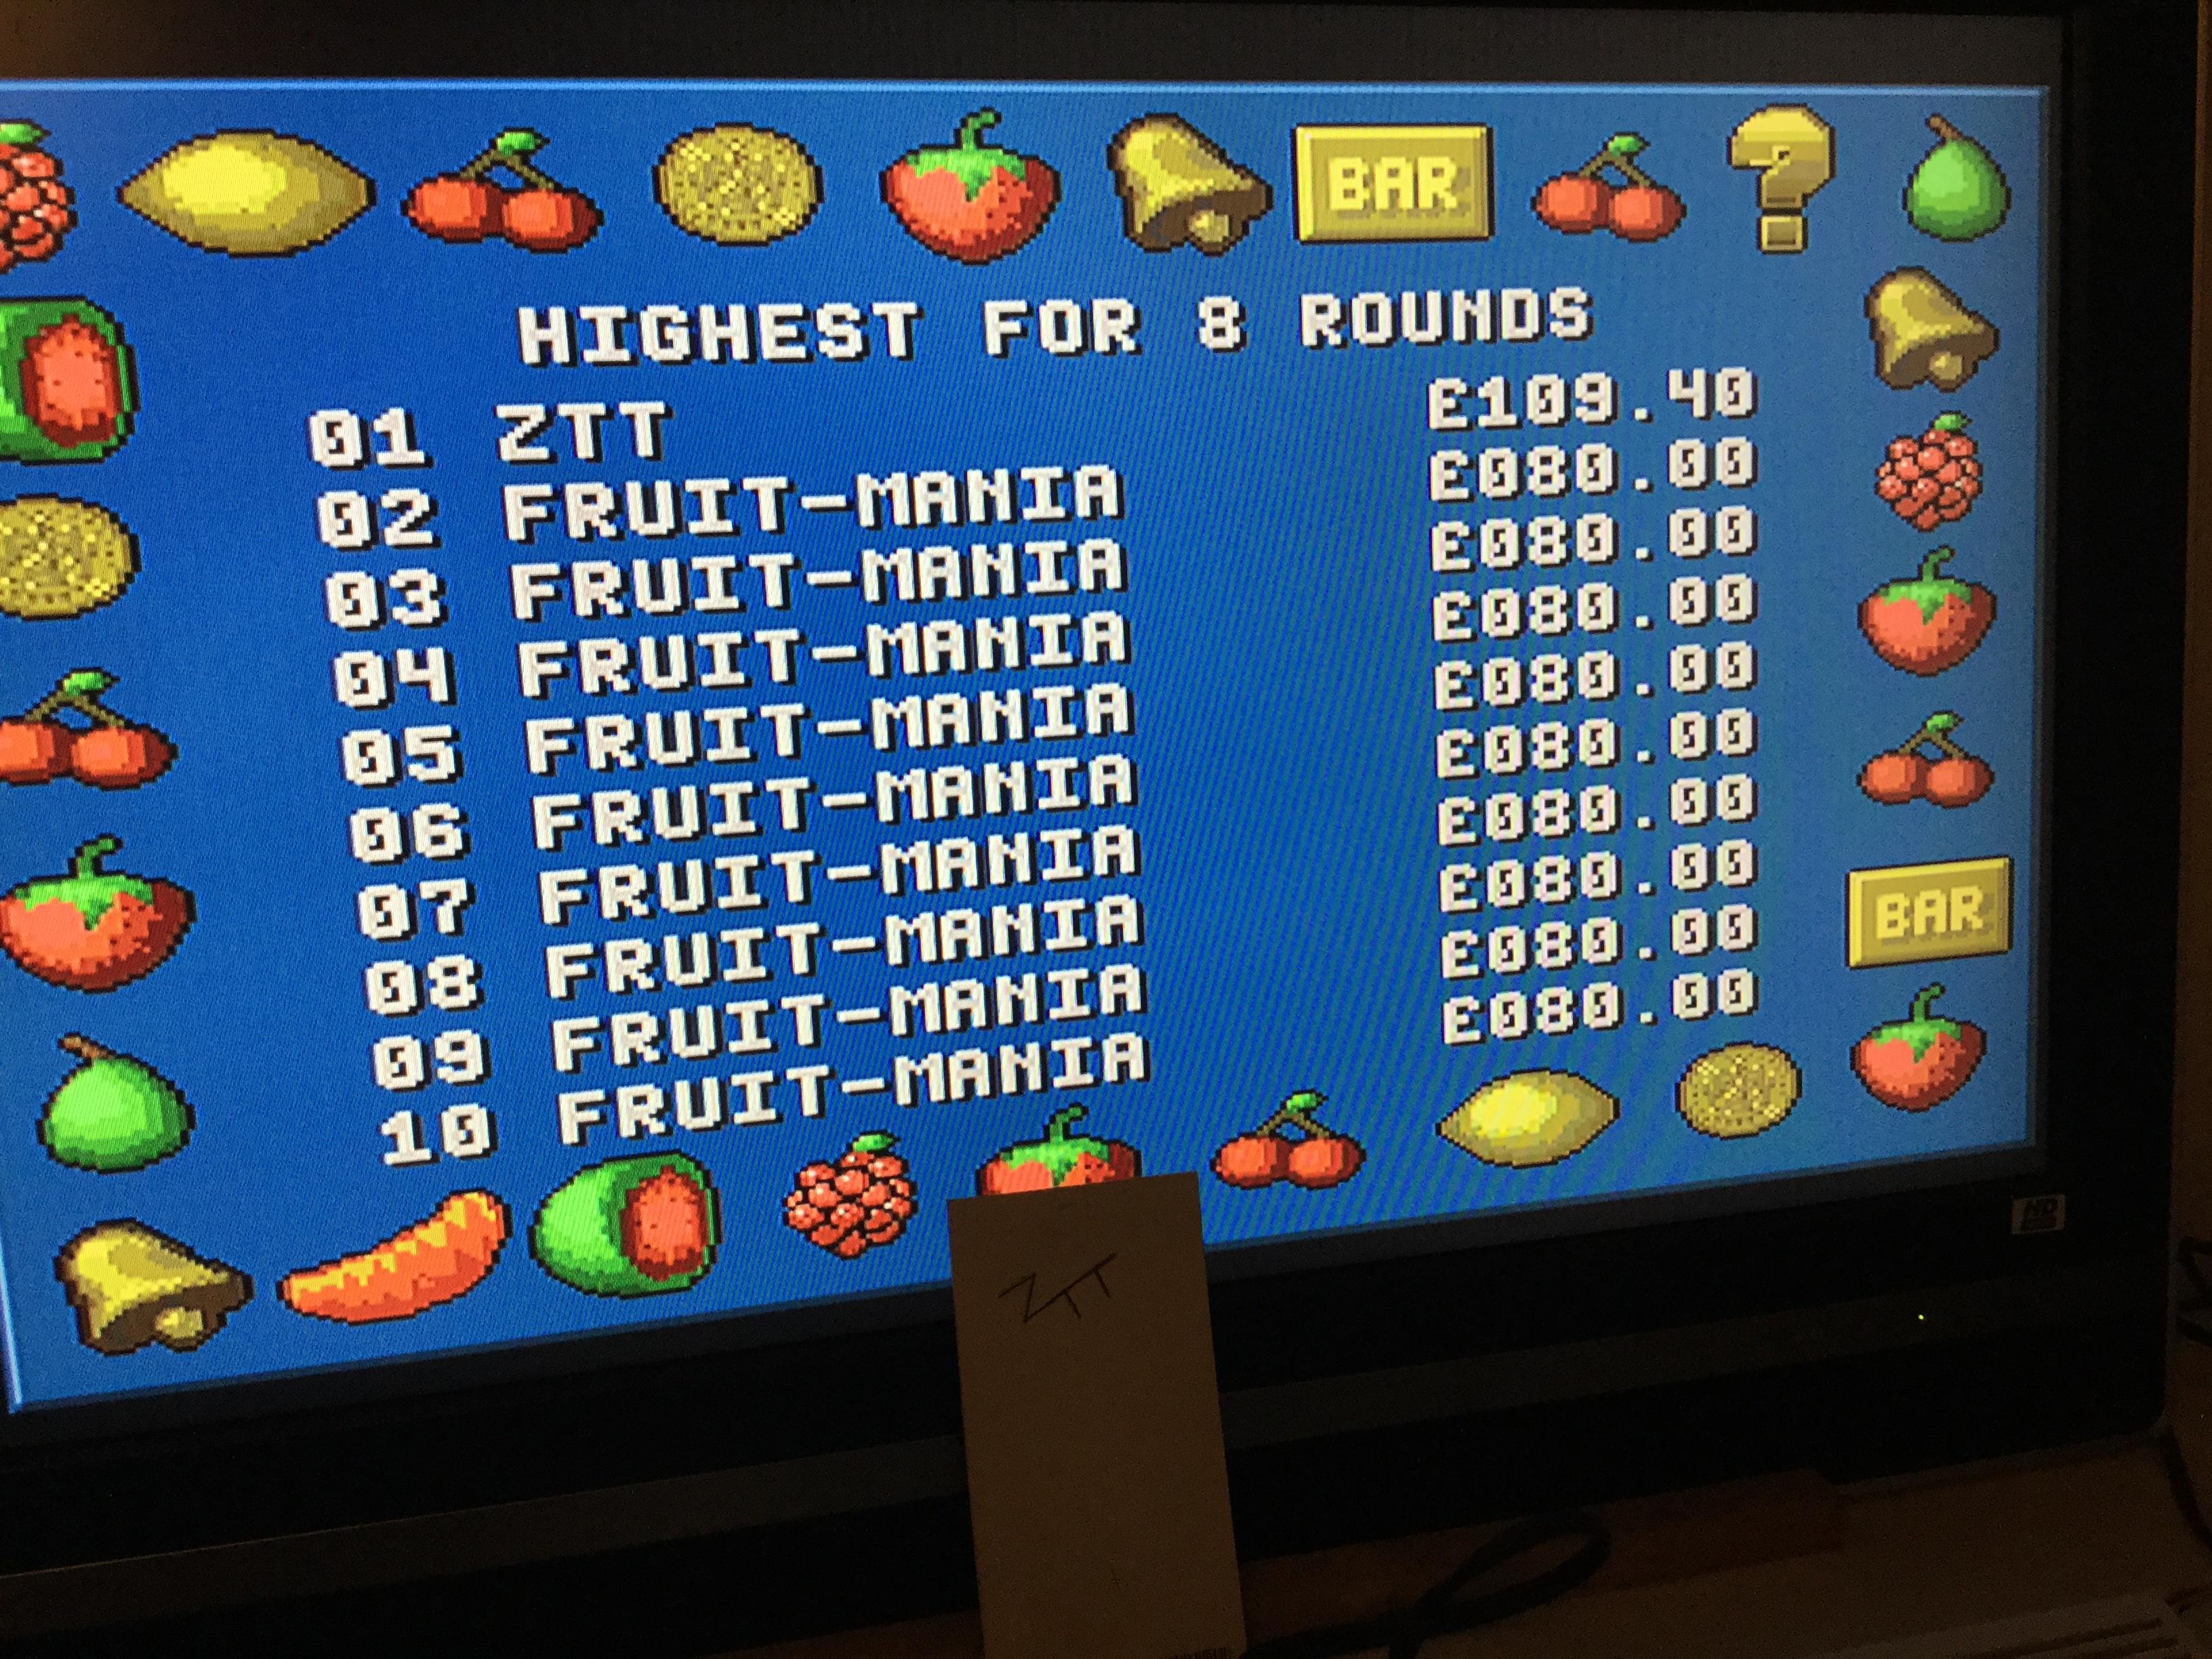 Frankie: Fruit-Mania [8 Rounds] [Money * 100] (Amiga) 10,940 points on 2017-10-13 13:55:44